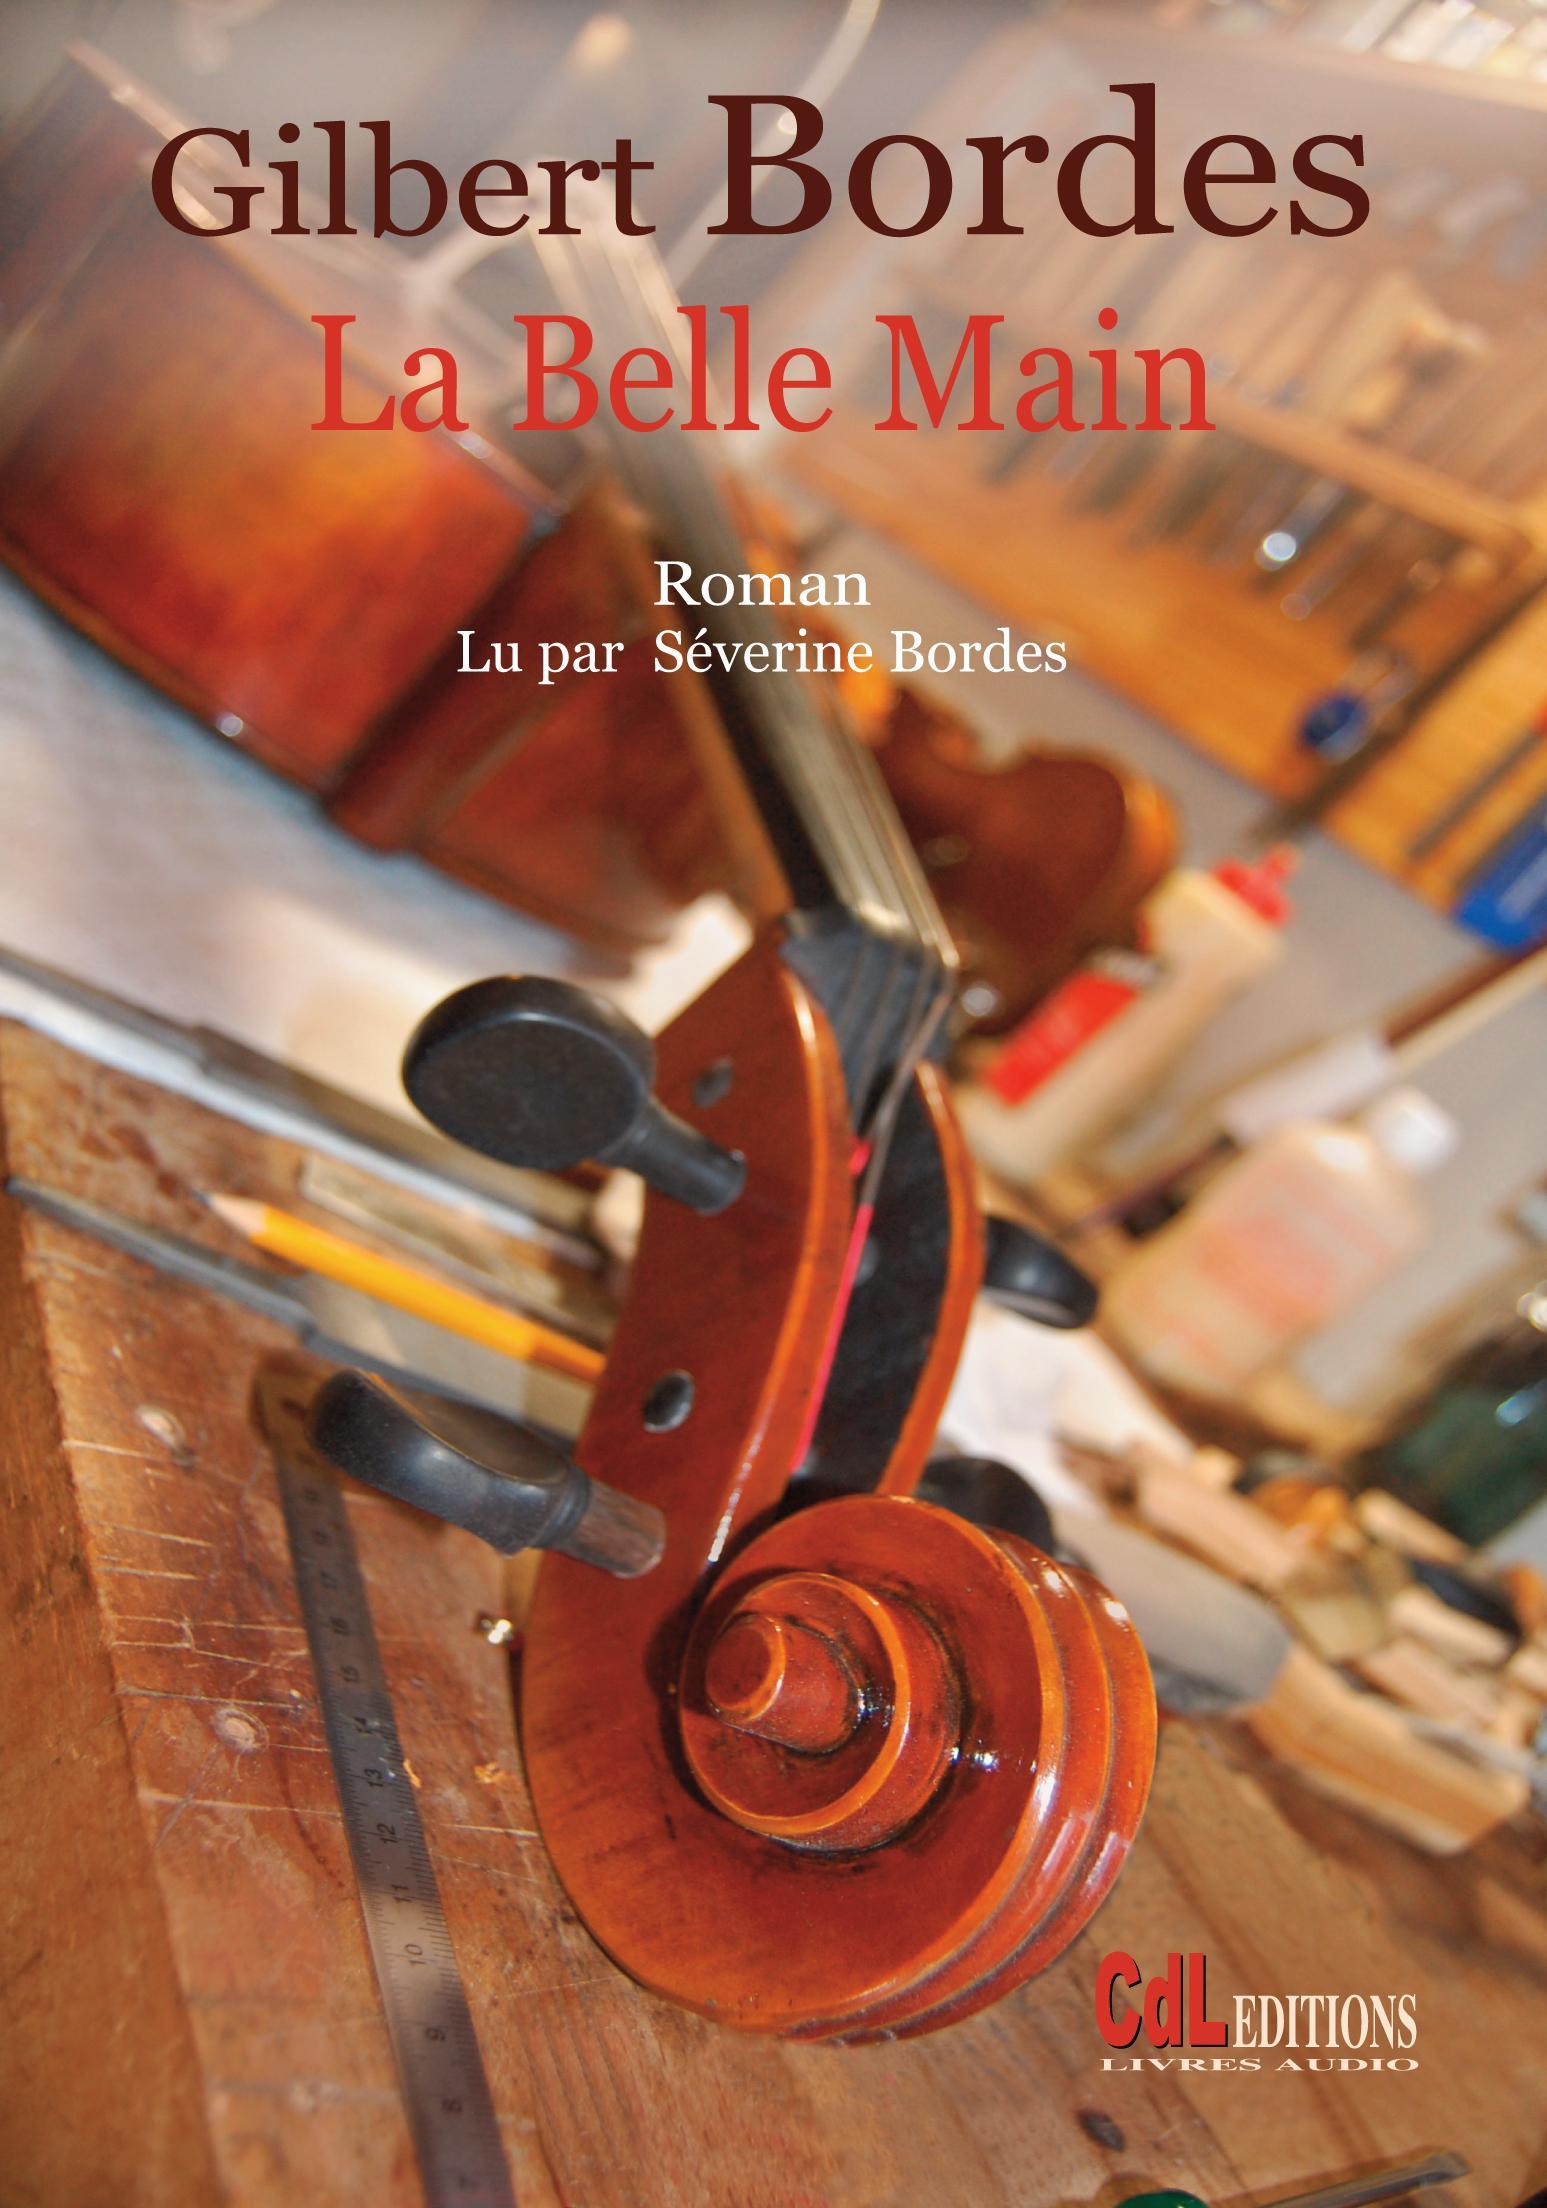 La Belle Main